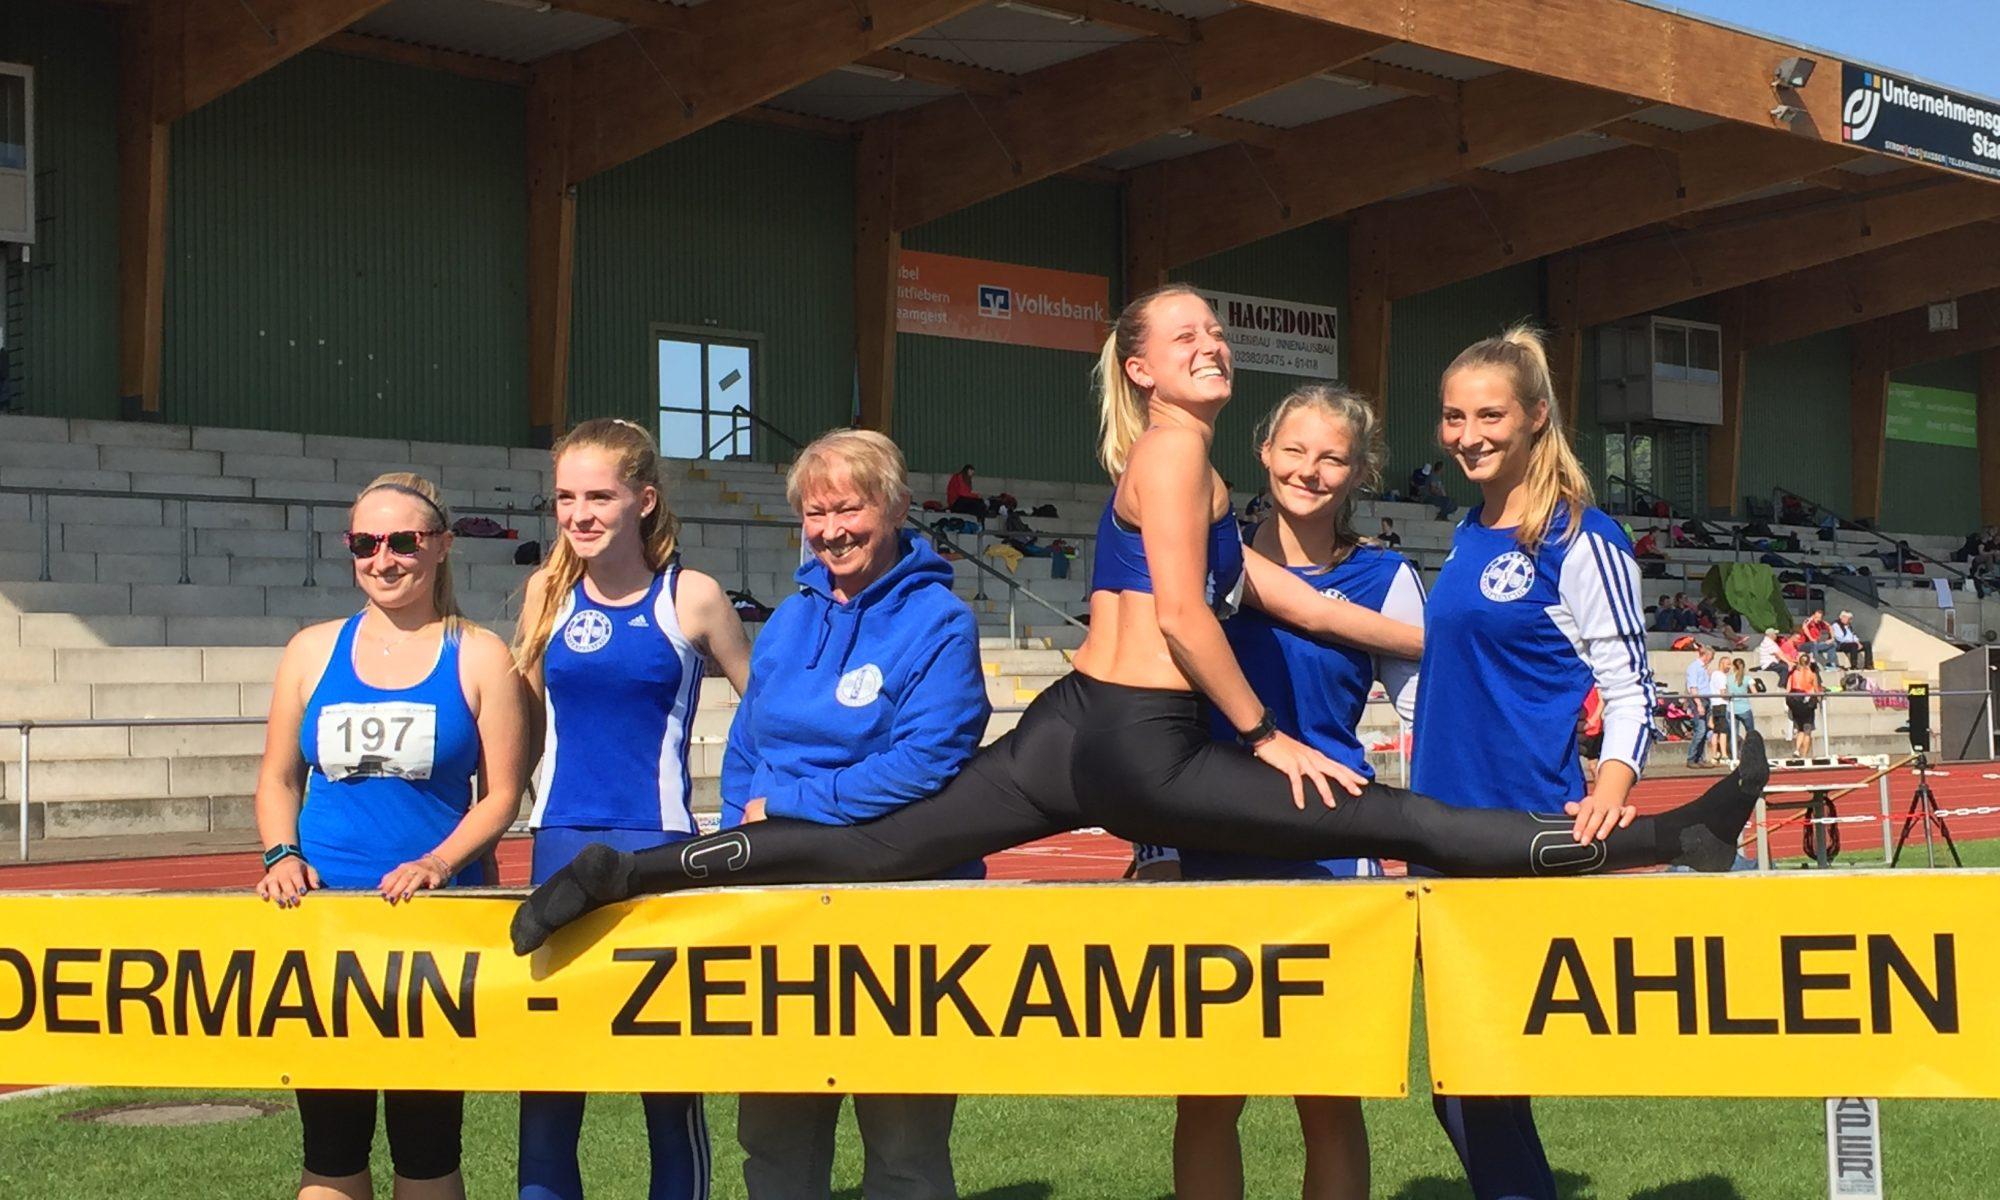 USC-Athleten beim Siebenkamp in Ahlen